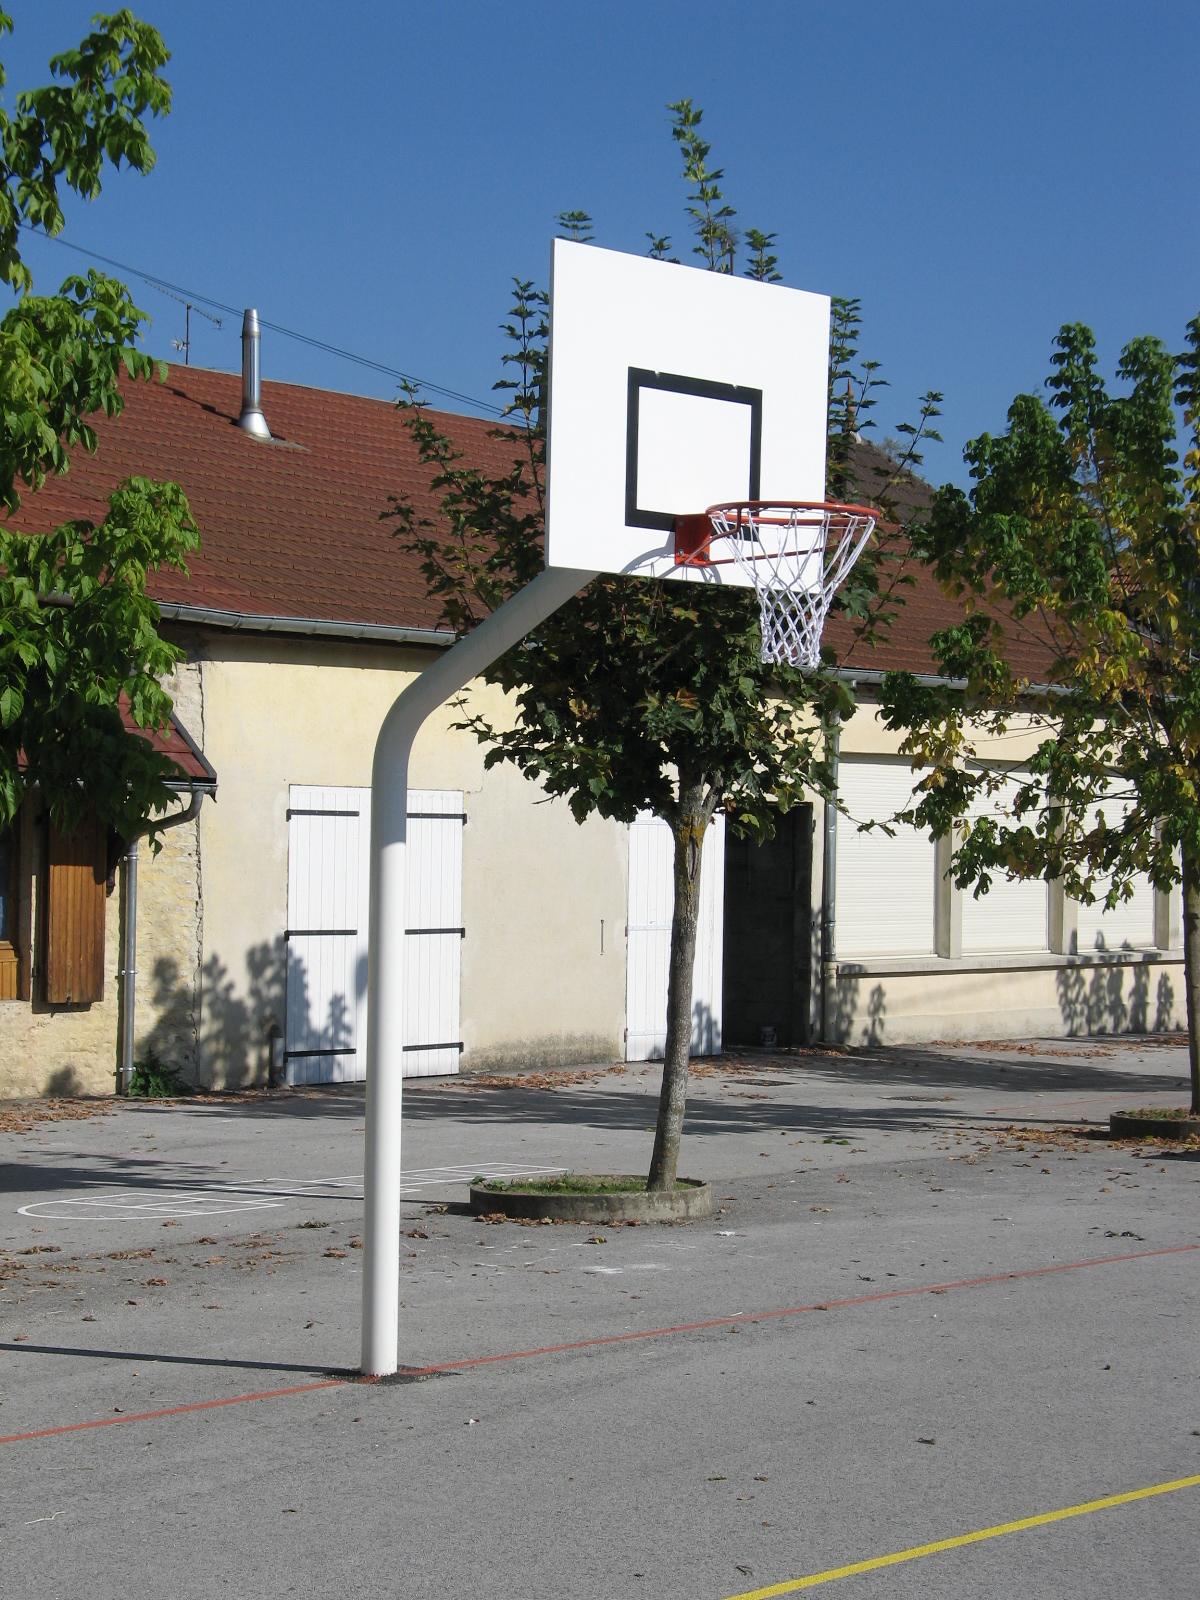 Image of   Basketball Goal galvaniseret - 2,60 m - direkte forsegling - Udhæng 1,2 m